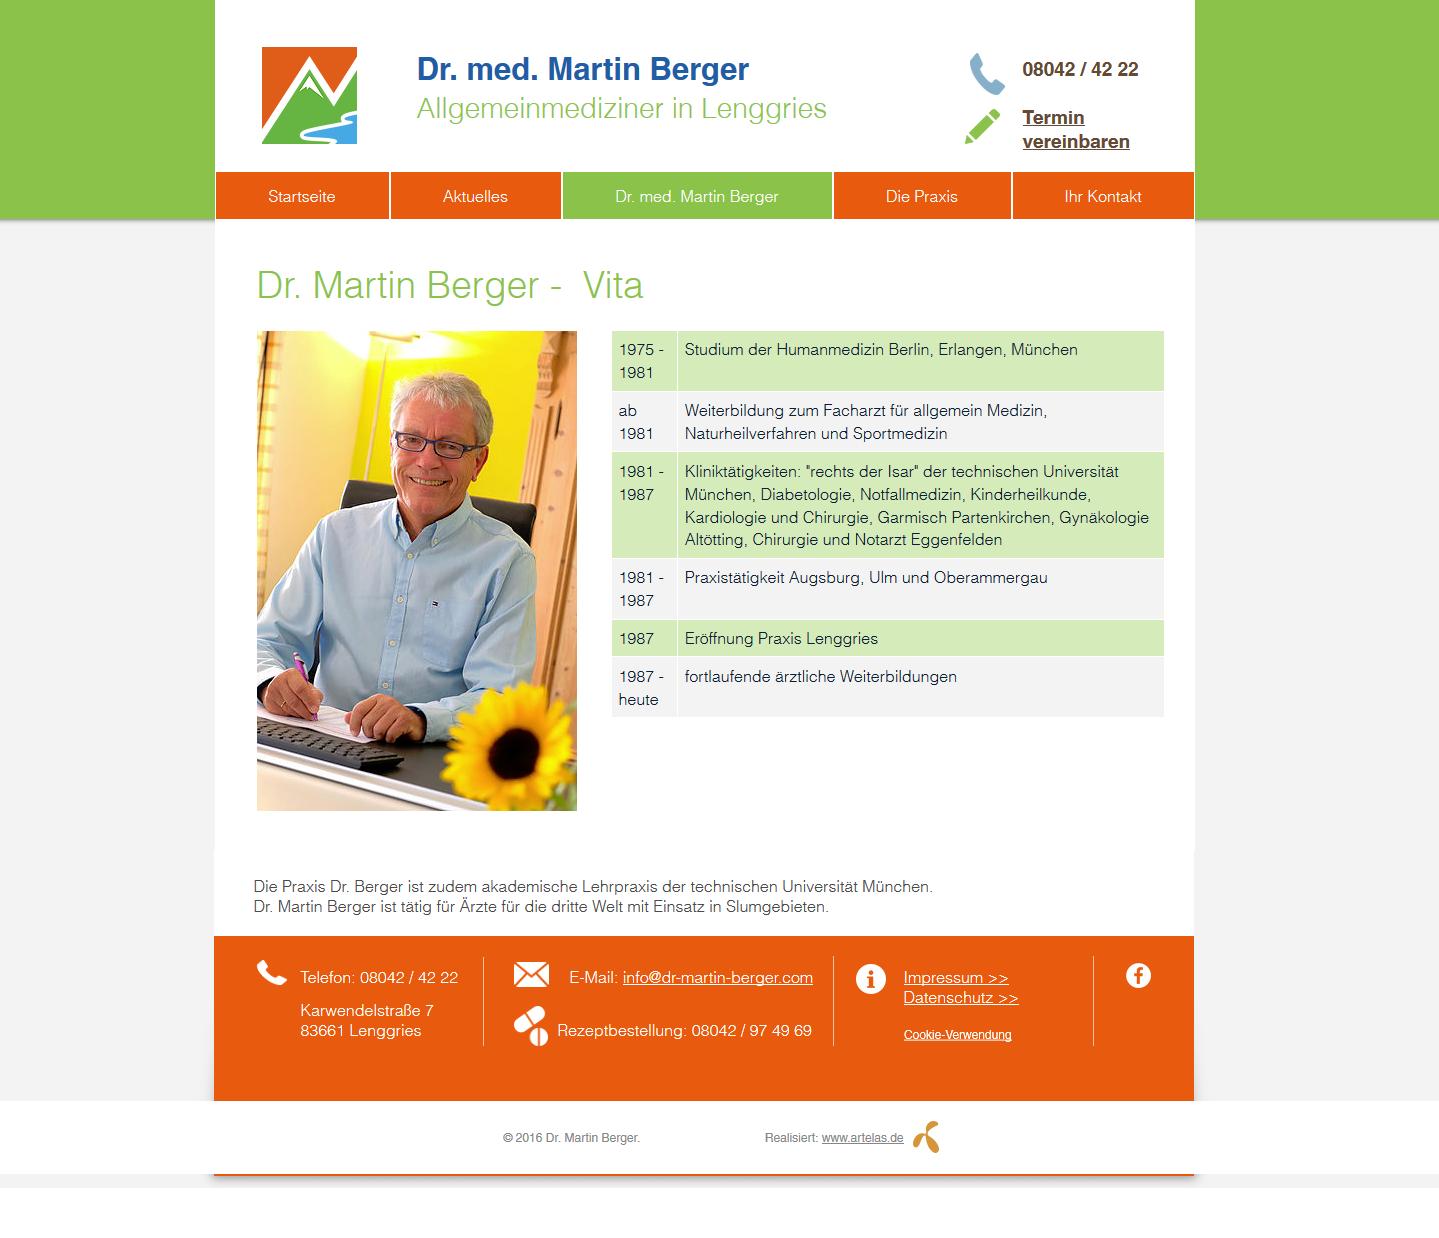 Dr. med. Martin Berger